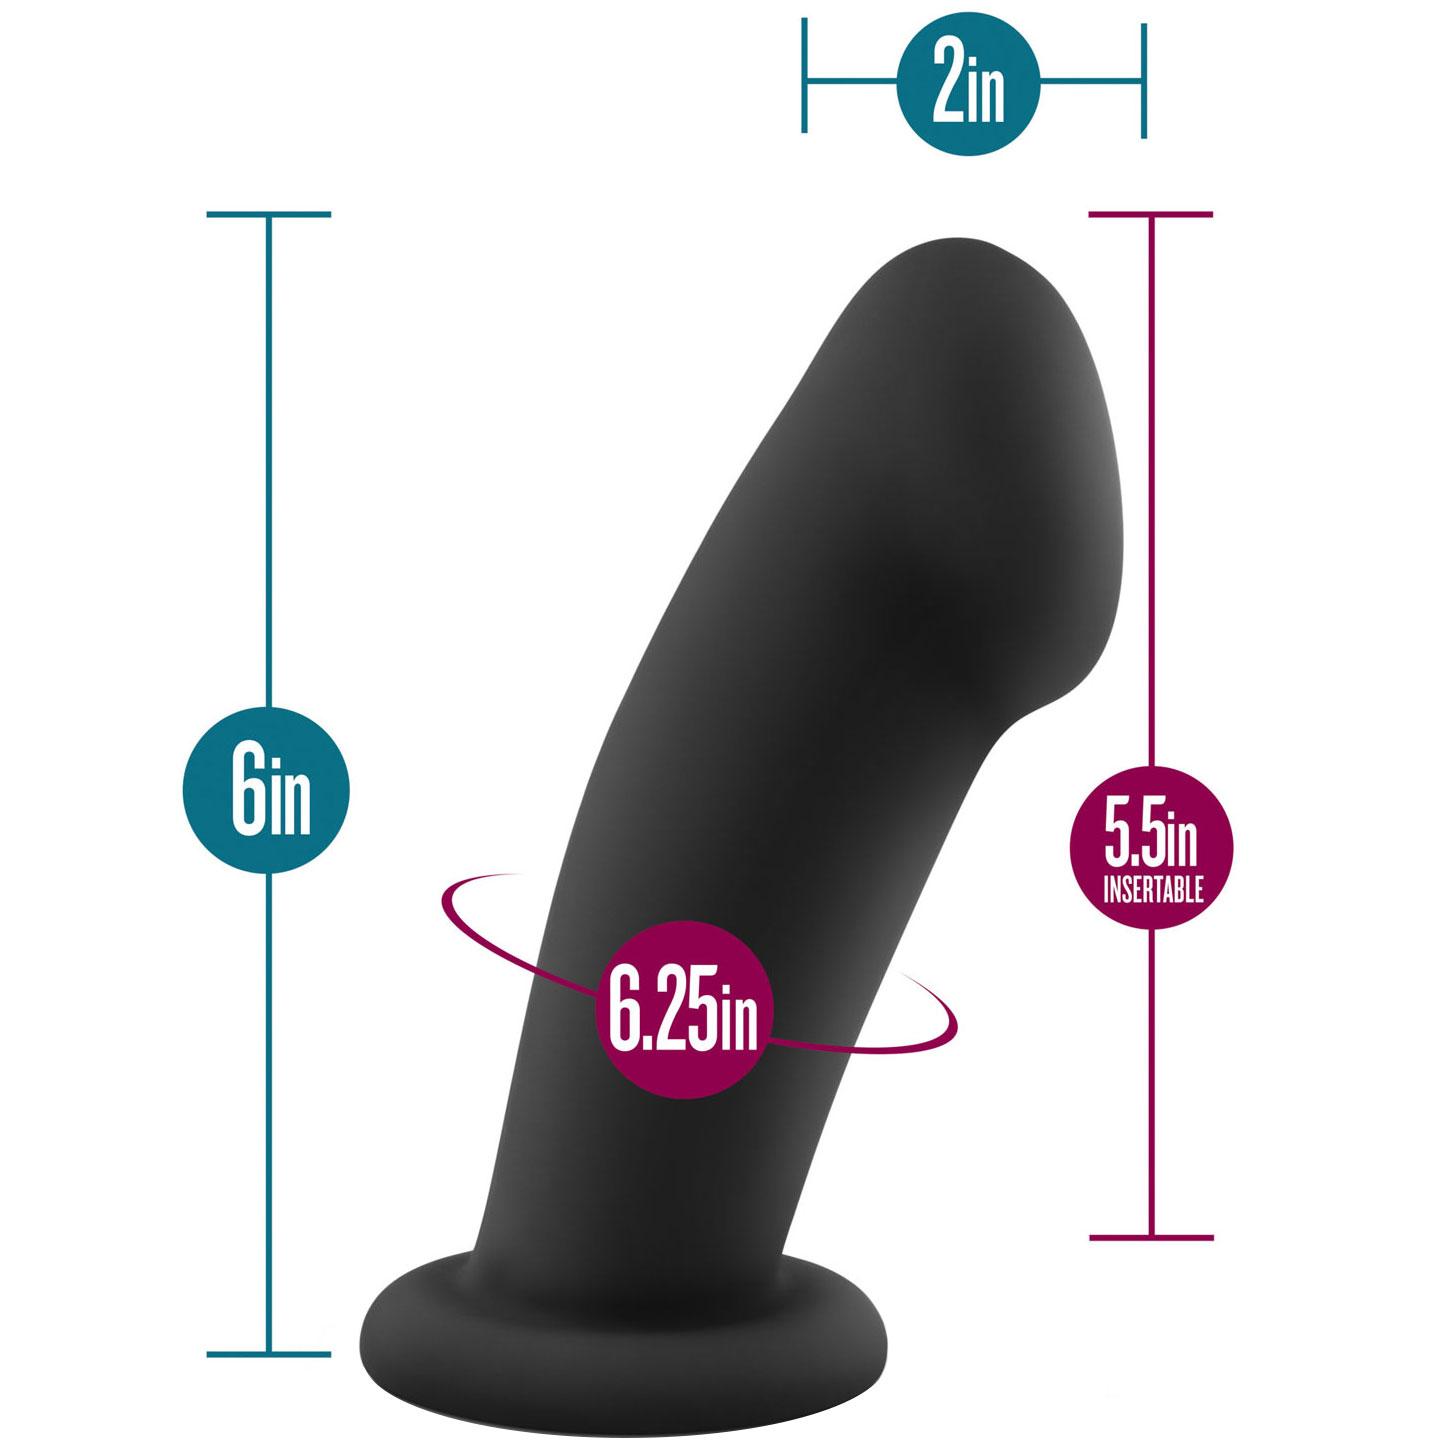 Temptasia Elvira Silicone Dildo - Measurement